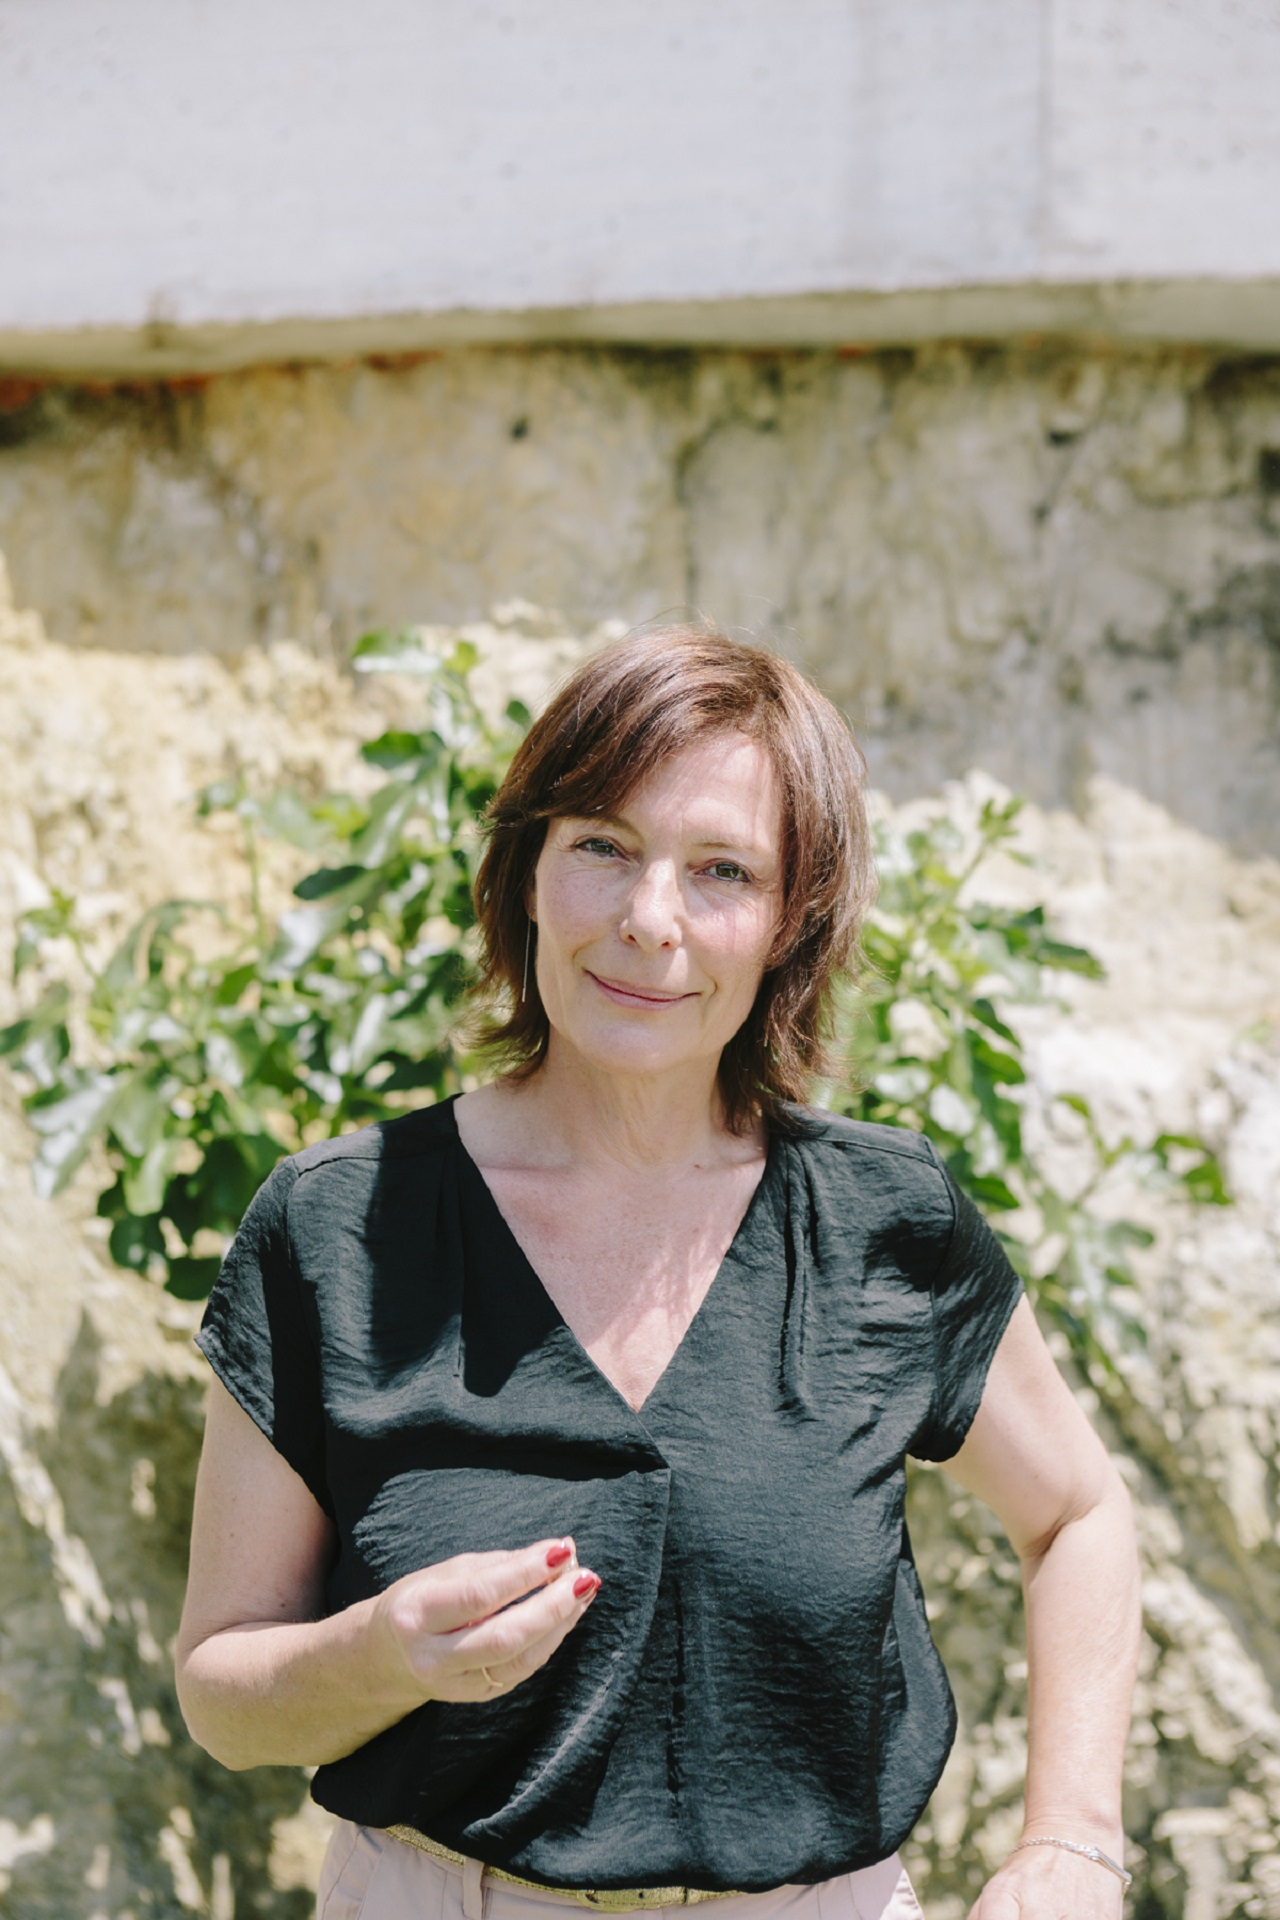 Evi Romen mit ihrer goldenen Nuss, einer kleinen Skulptur zum Hauptpreis der Diagonale.